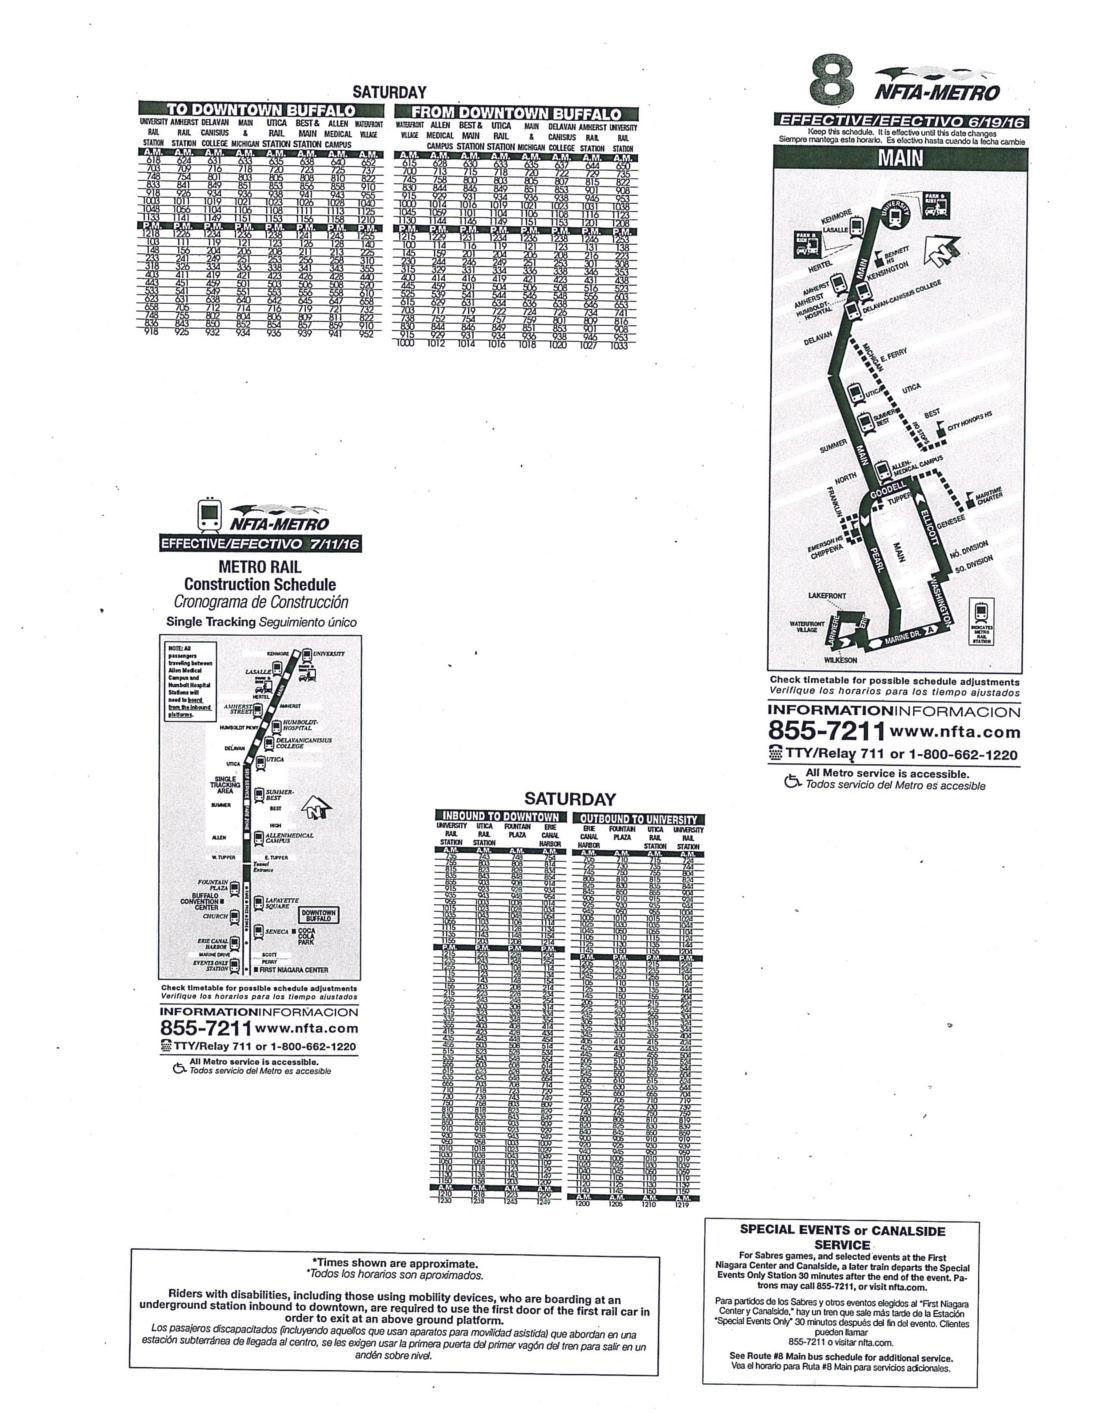 Buffalo New York Buffalo S Most Amazing Race Nfta Maps